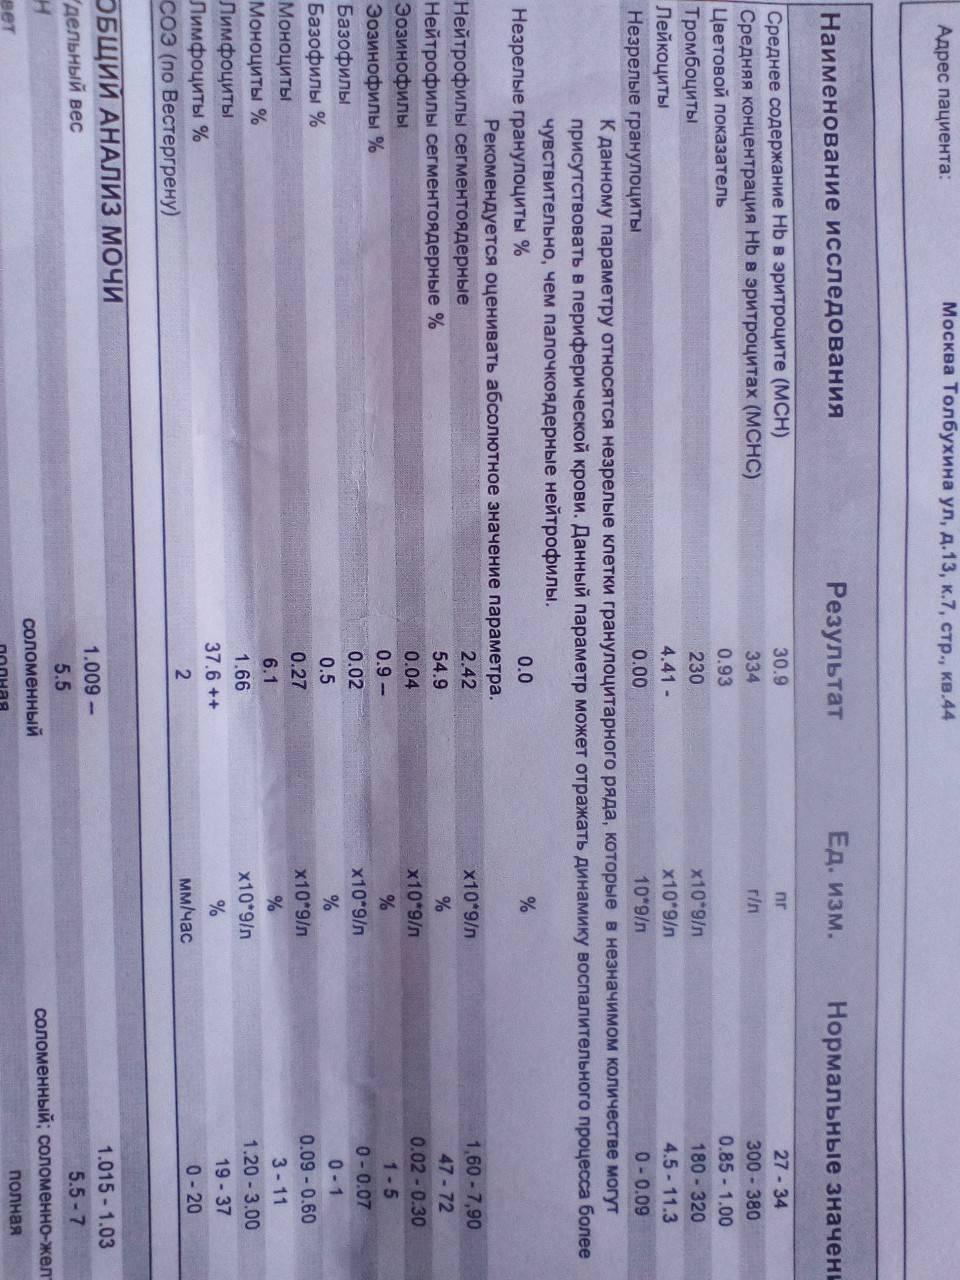 Палочкоядерные нейтрофилы — что это, таблица норм по возрасту у женщин, мужчин, детей, обозначение в анализе крови